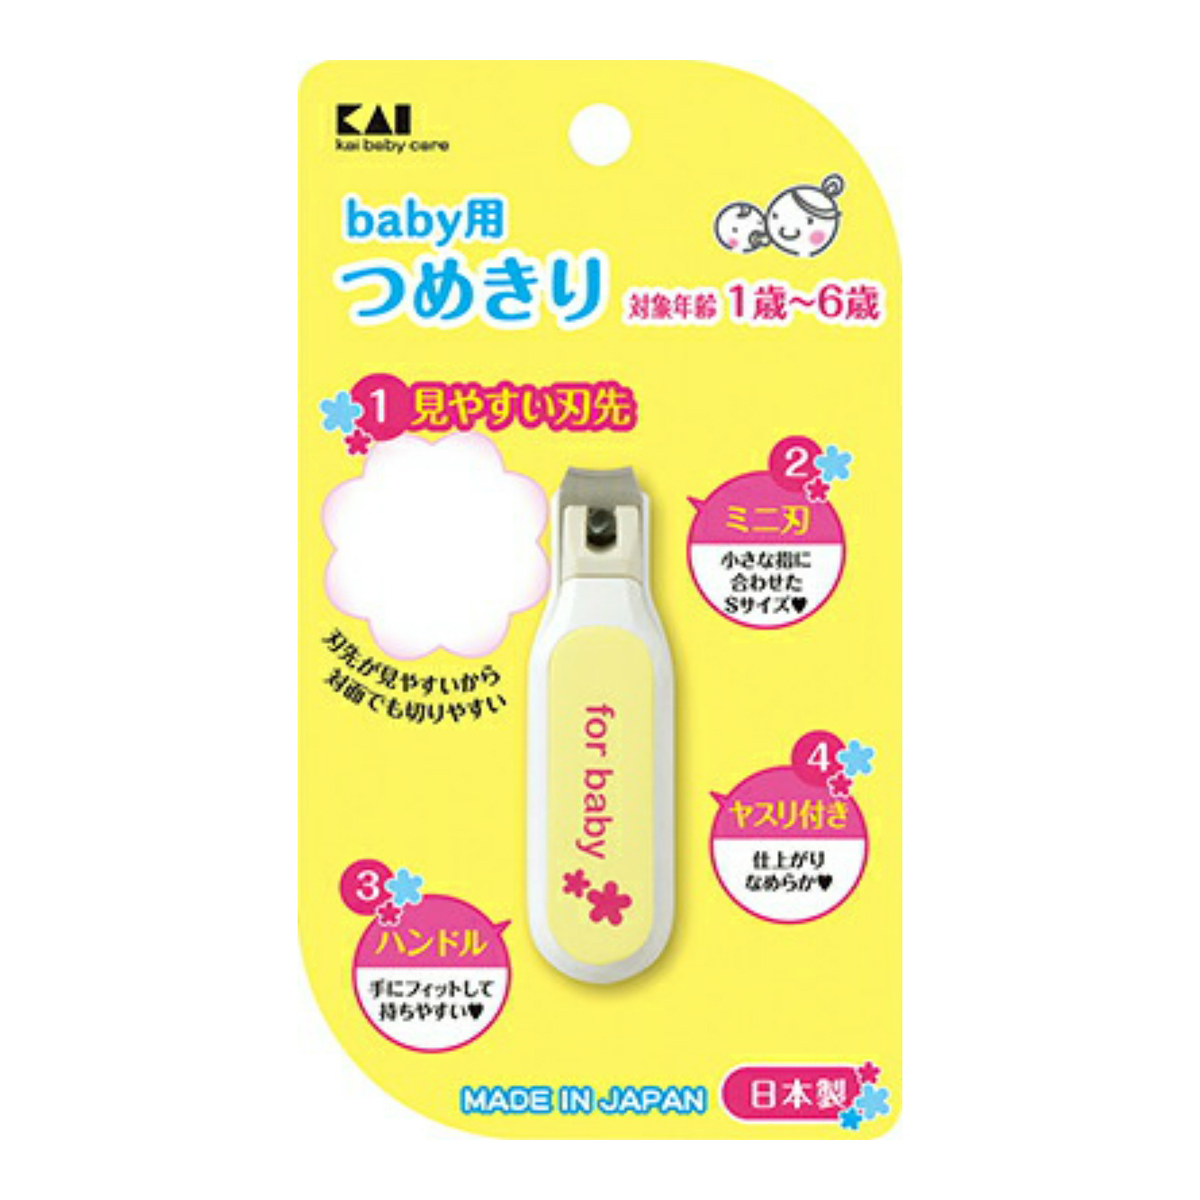 【ケース販売 送料無料】 貝印 ベビー ツメキリ×120個セット KF0126 (赤ちゃん用品 爪切り)(4901601301151)